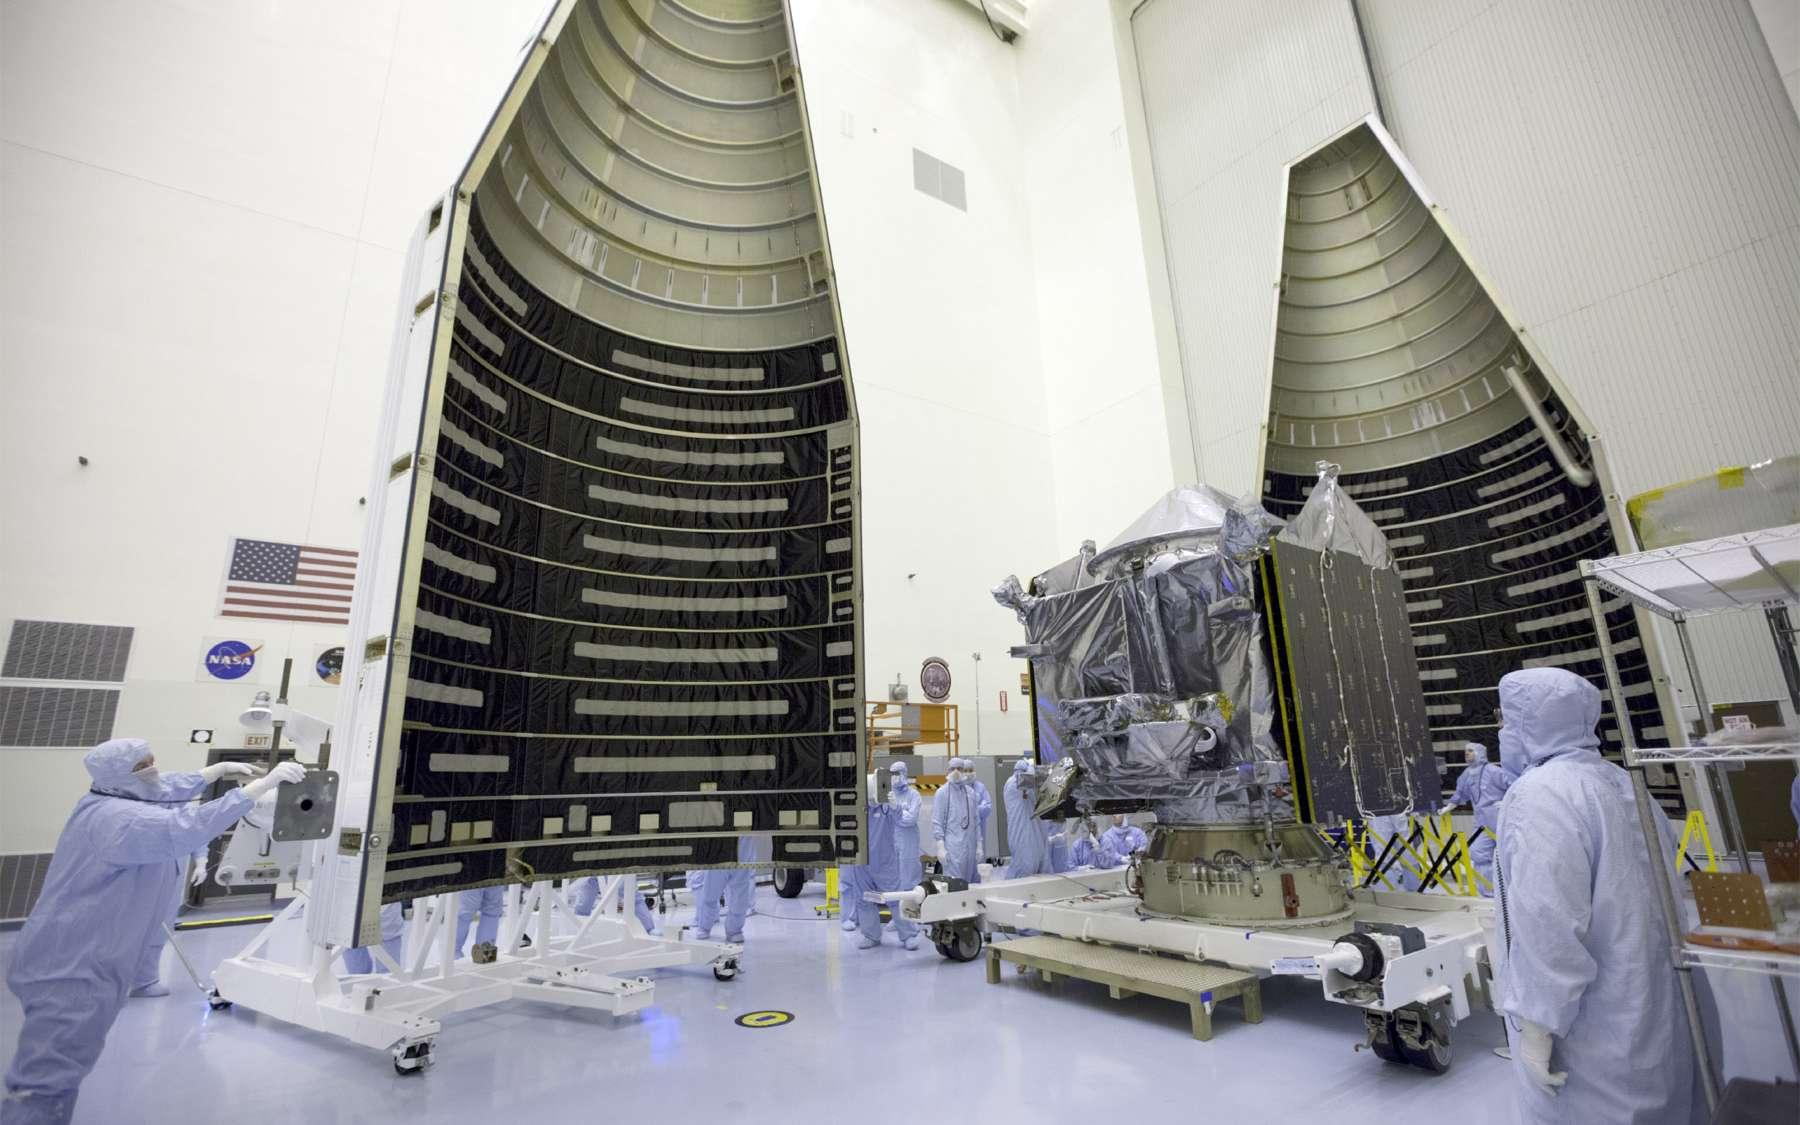 Maven est ici vue lors de son installation dans la coiffe du lanceur, une Atlas V. Avec une masse au lancement de quelque 2.550 kg, il n'est pas nécessaire d'équiper l'Atlas V de propulseurs d'appoint. © Kim Shiflett, Nasa